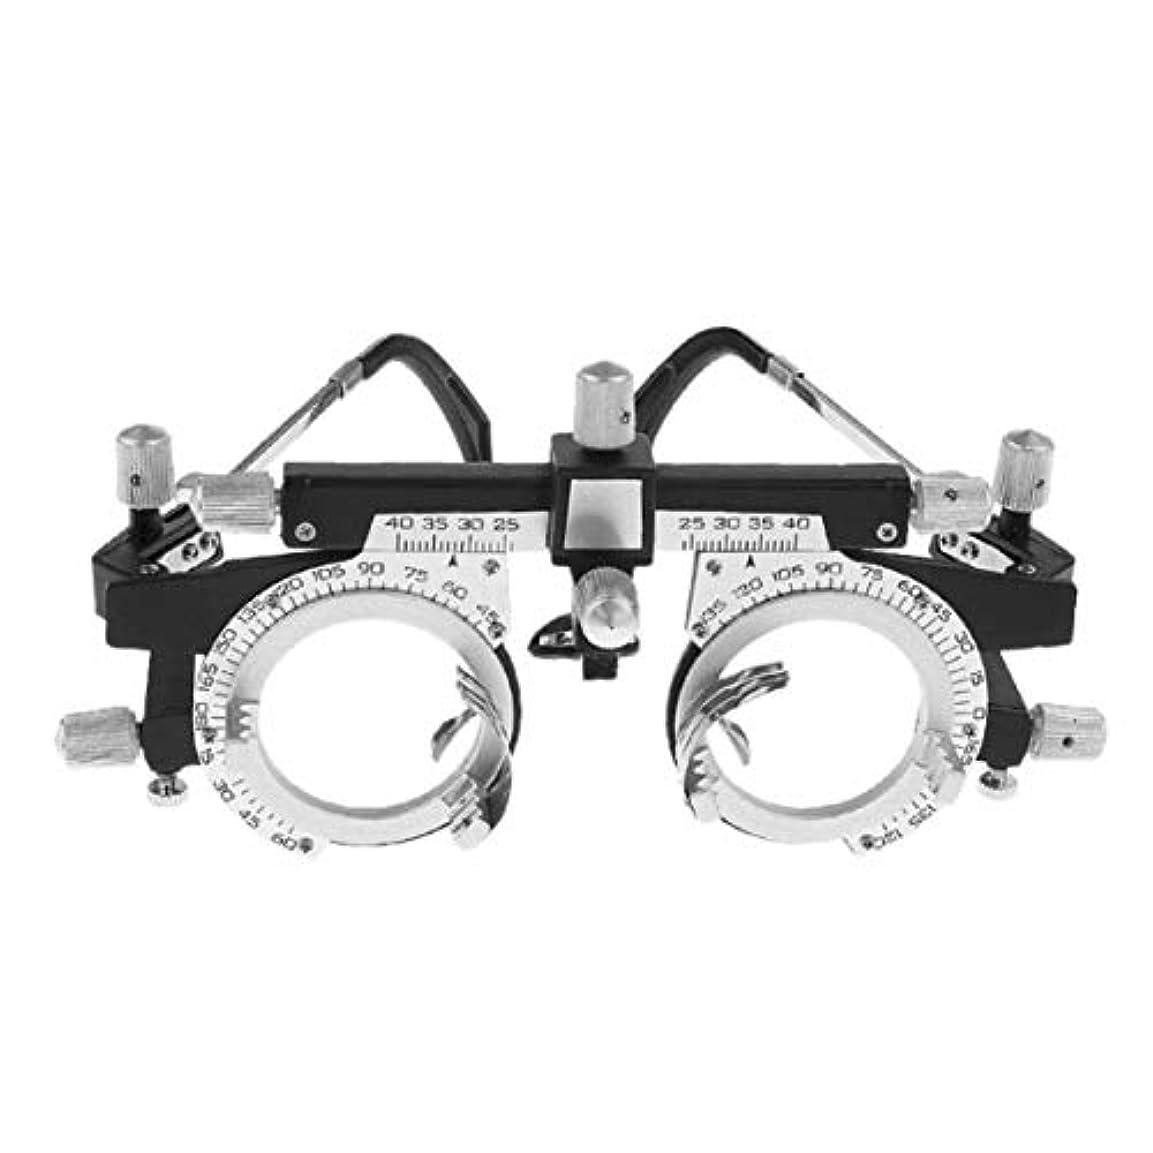 苦行方程式暫定の調節可能なプロフェッショナルアイウェア検眼メタルフレーム光学オプティクストライアルレンズメタルフレームPDメガネアクセサリー - シルバー&ブラック